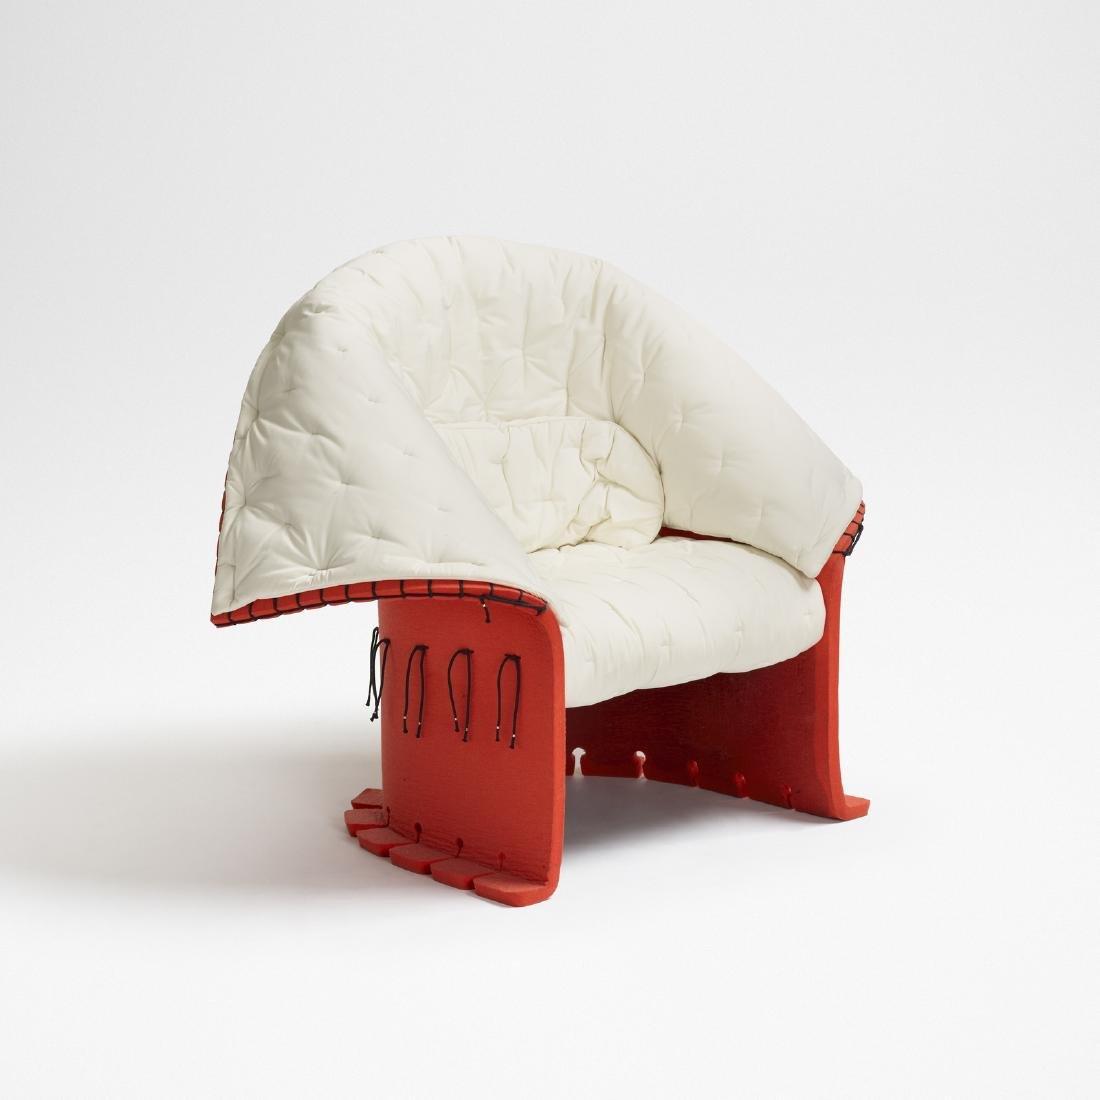 Gaetano Pesce, Feltri chair